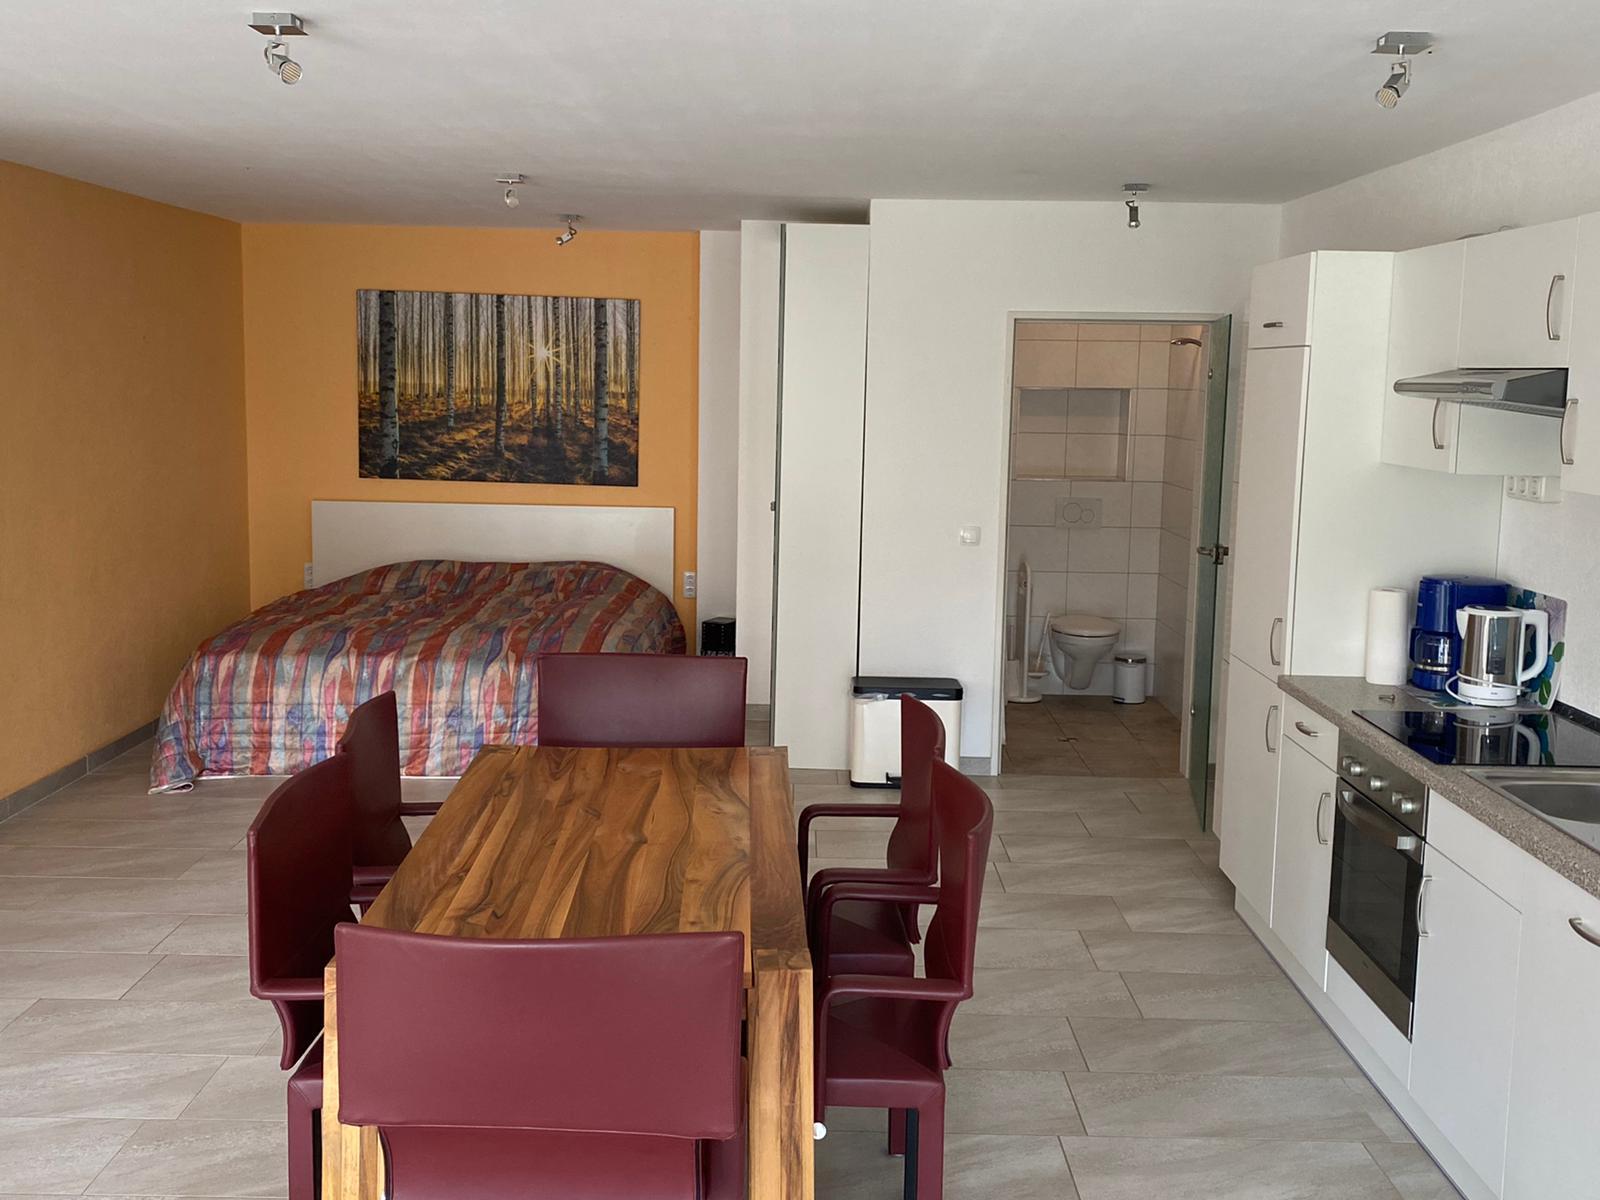 Blick auf Doppelbett, Küche, Badezimmer